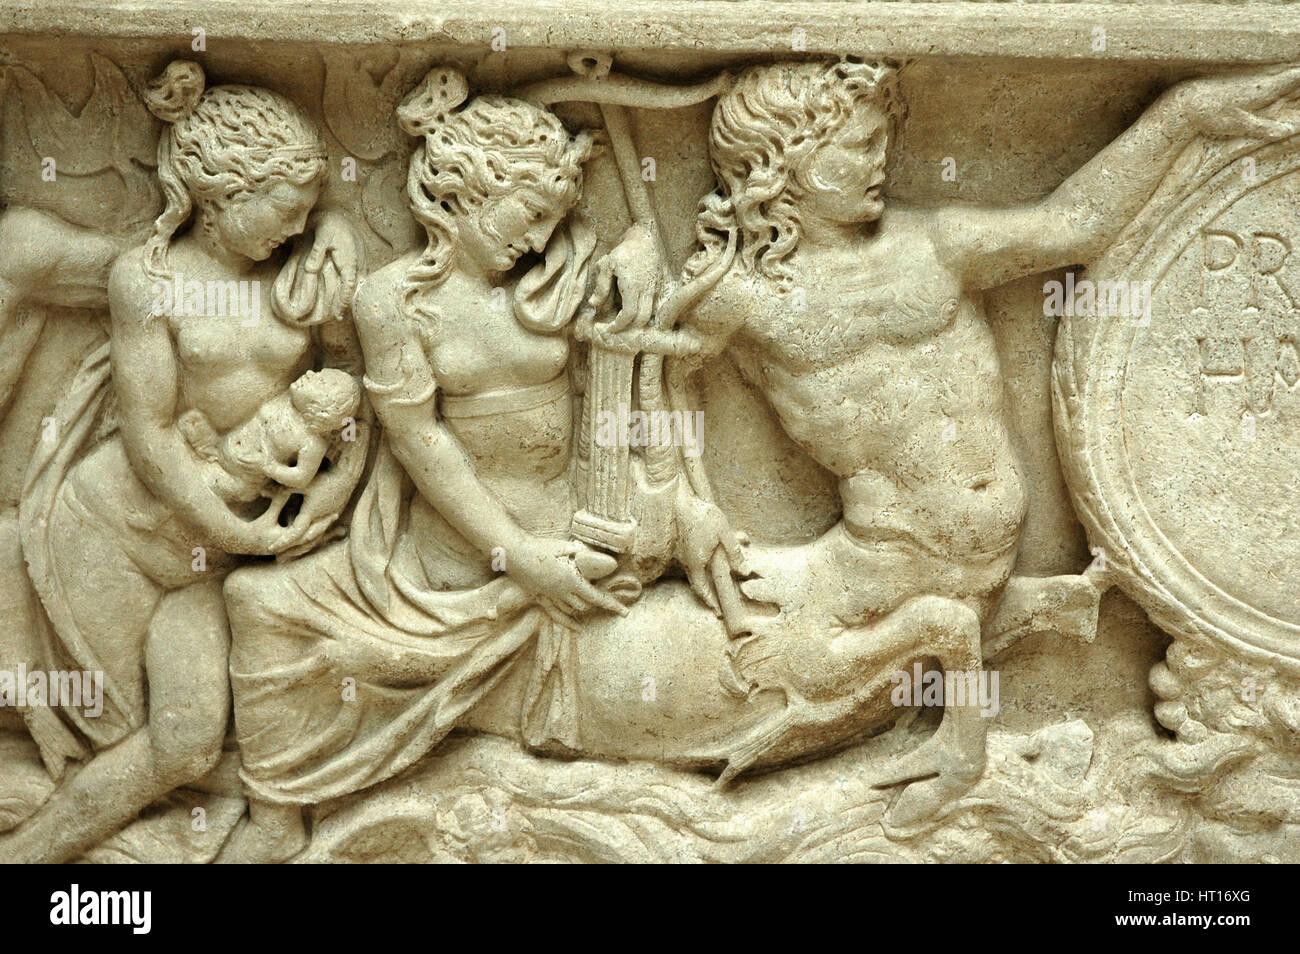 Befreiung von einem Sarkophag Darstellung ein Zentaur.   Kultur: römische. Kreditrahmen: Werner Forman Archiv, Stockbild